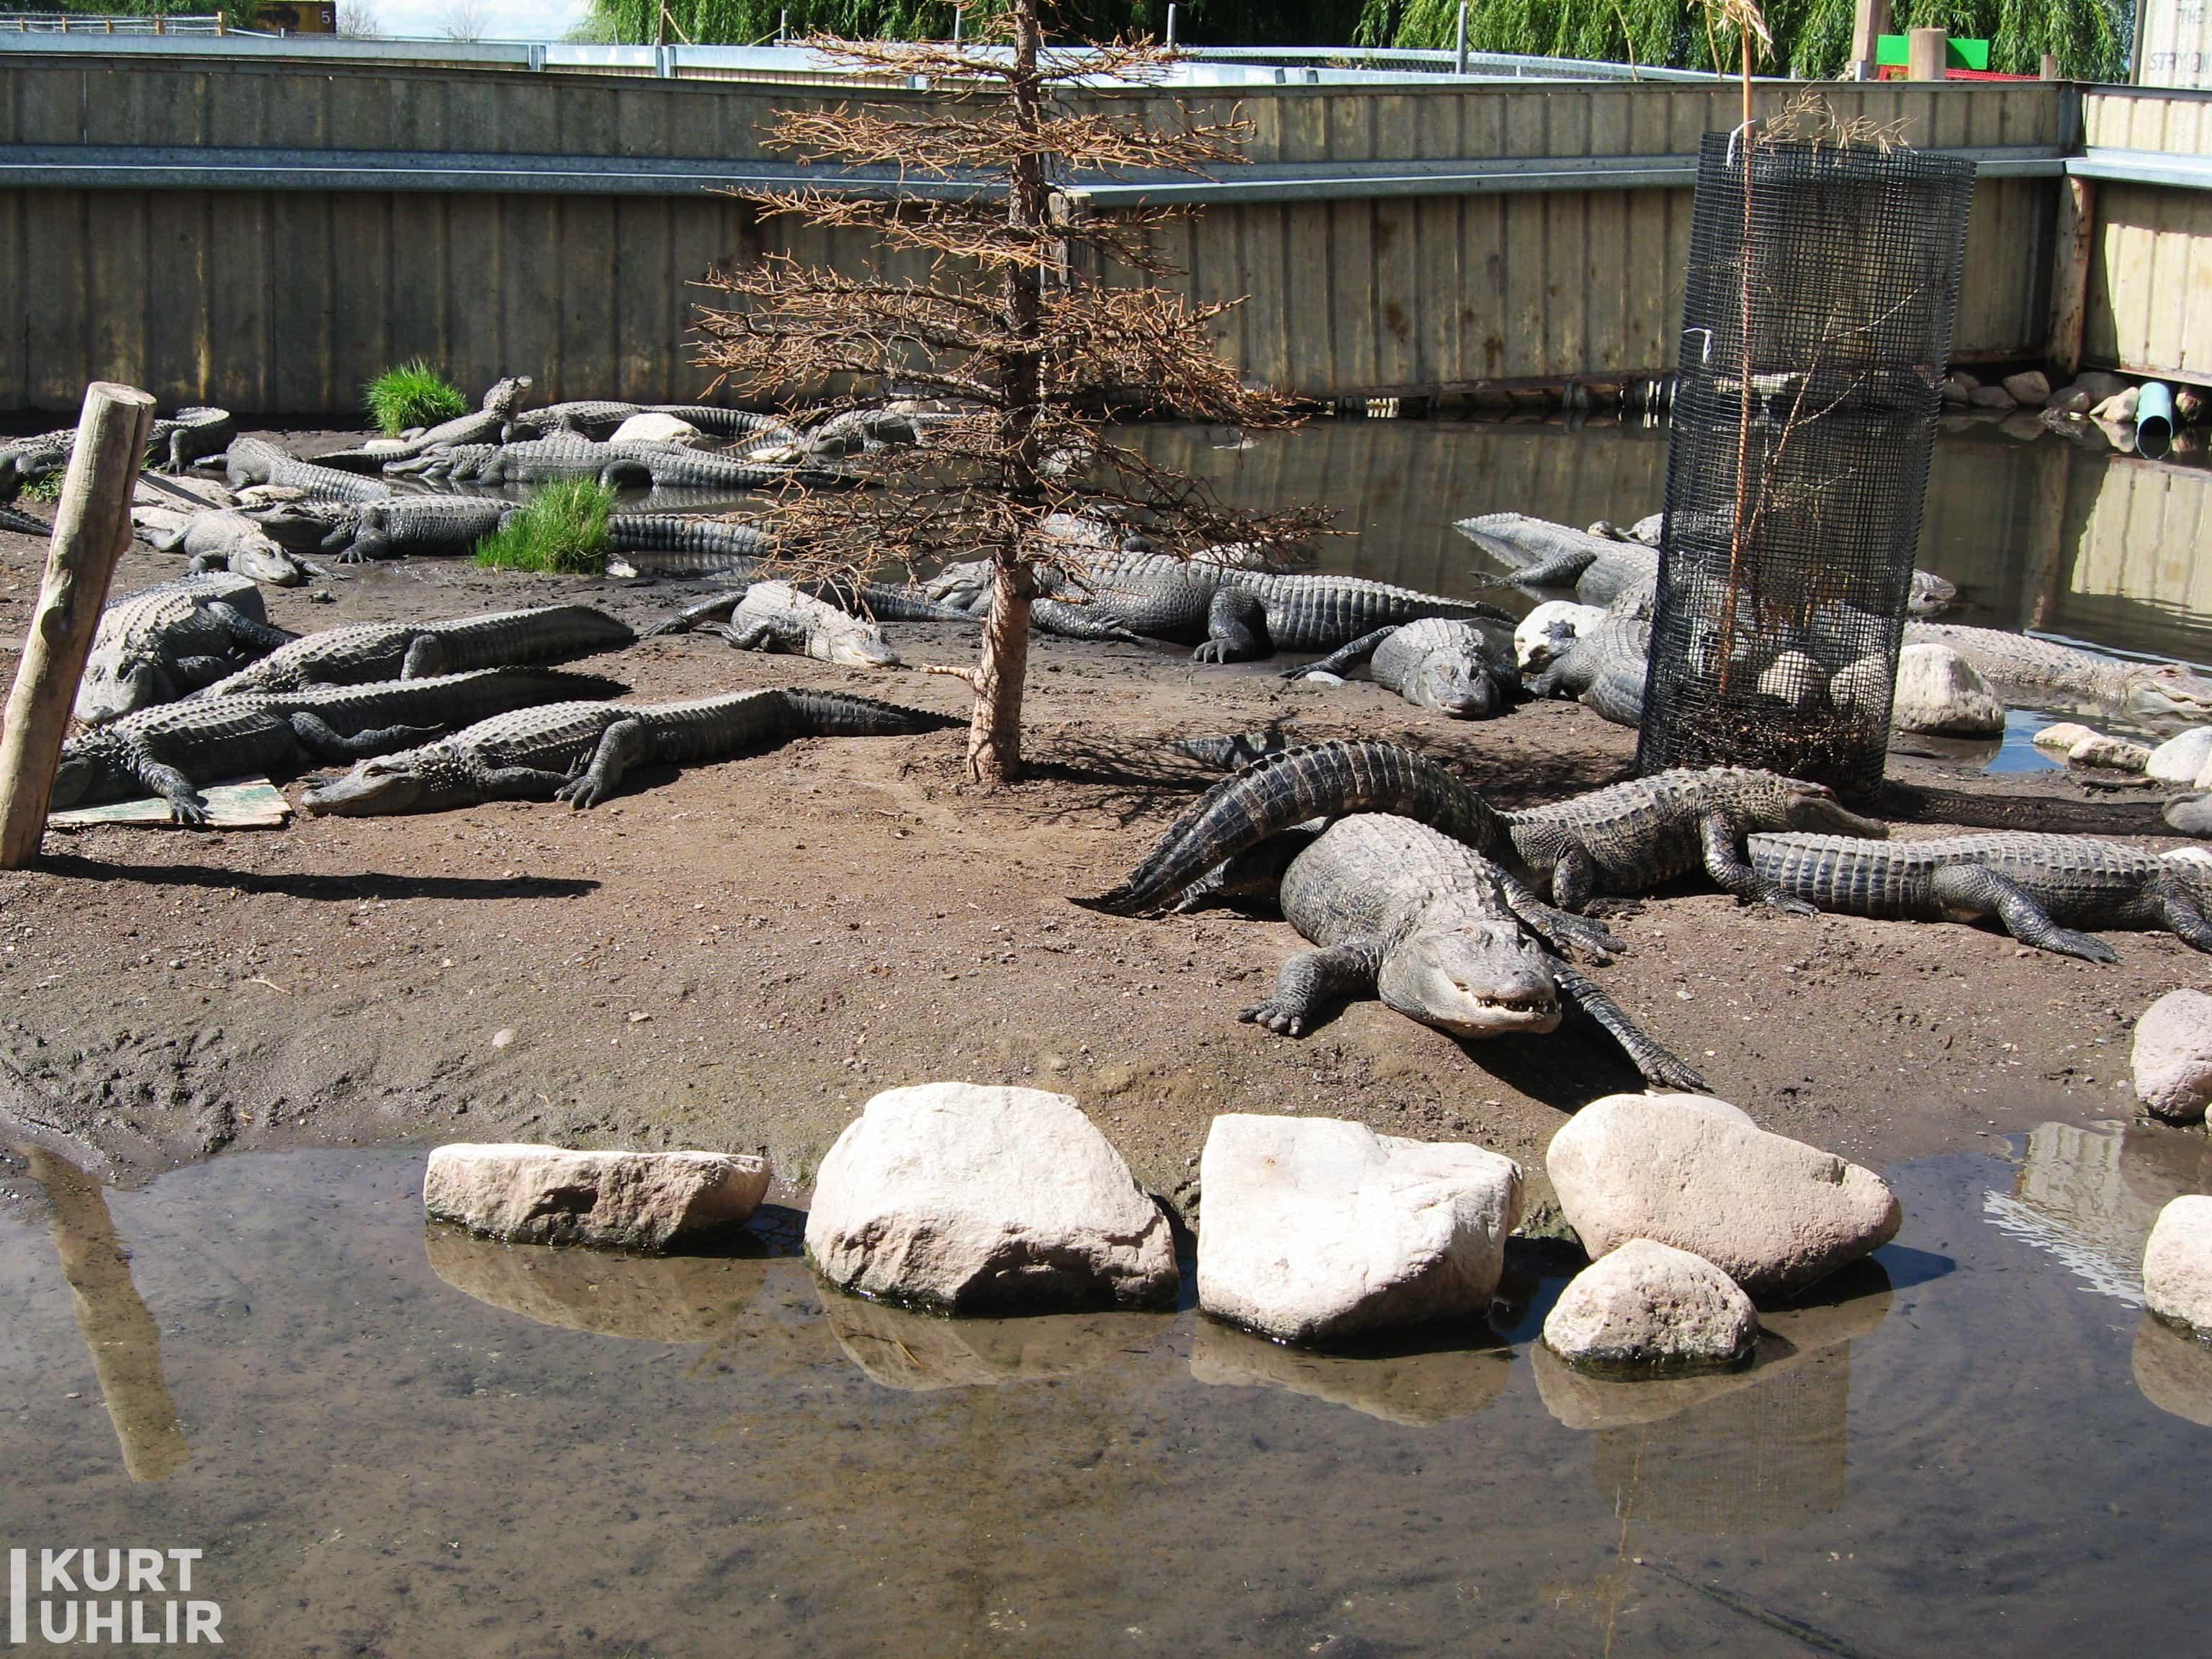 Kurt Uhlir at pond before alligator handling